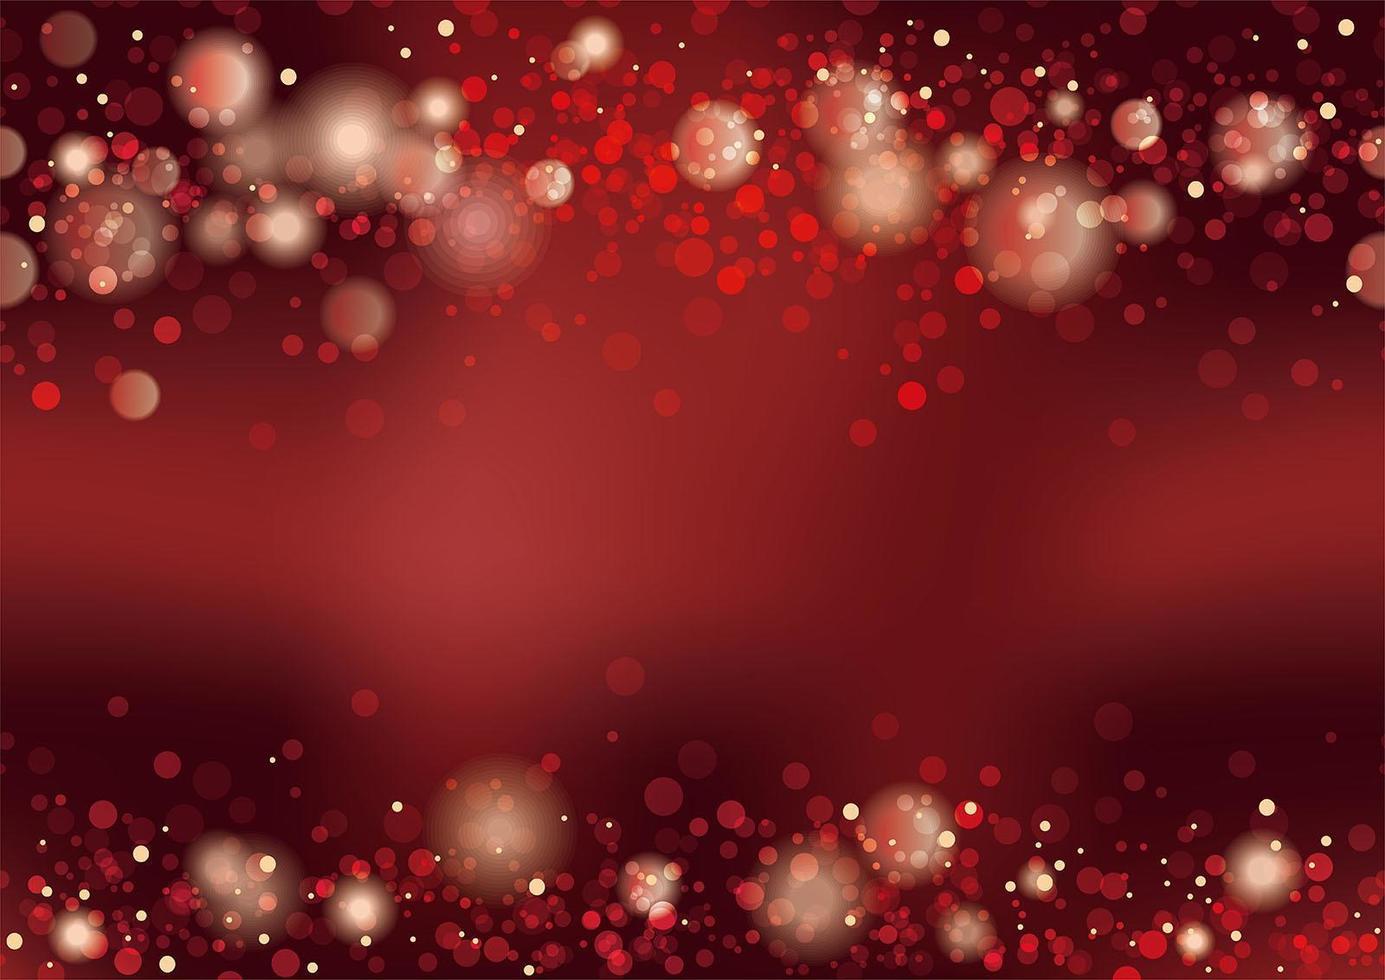 fondo rojo abstracto bokeh vector